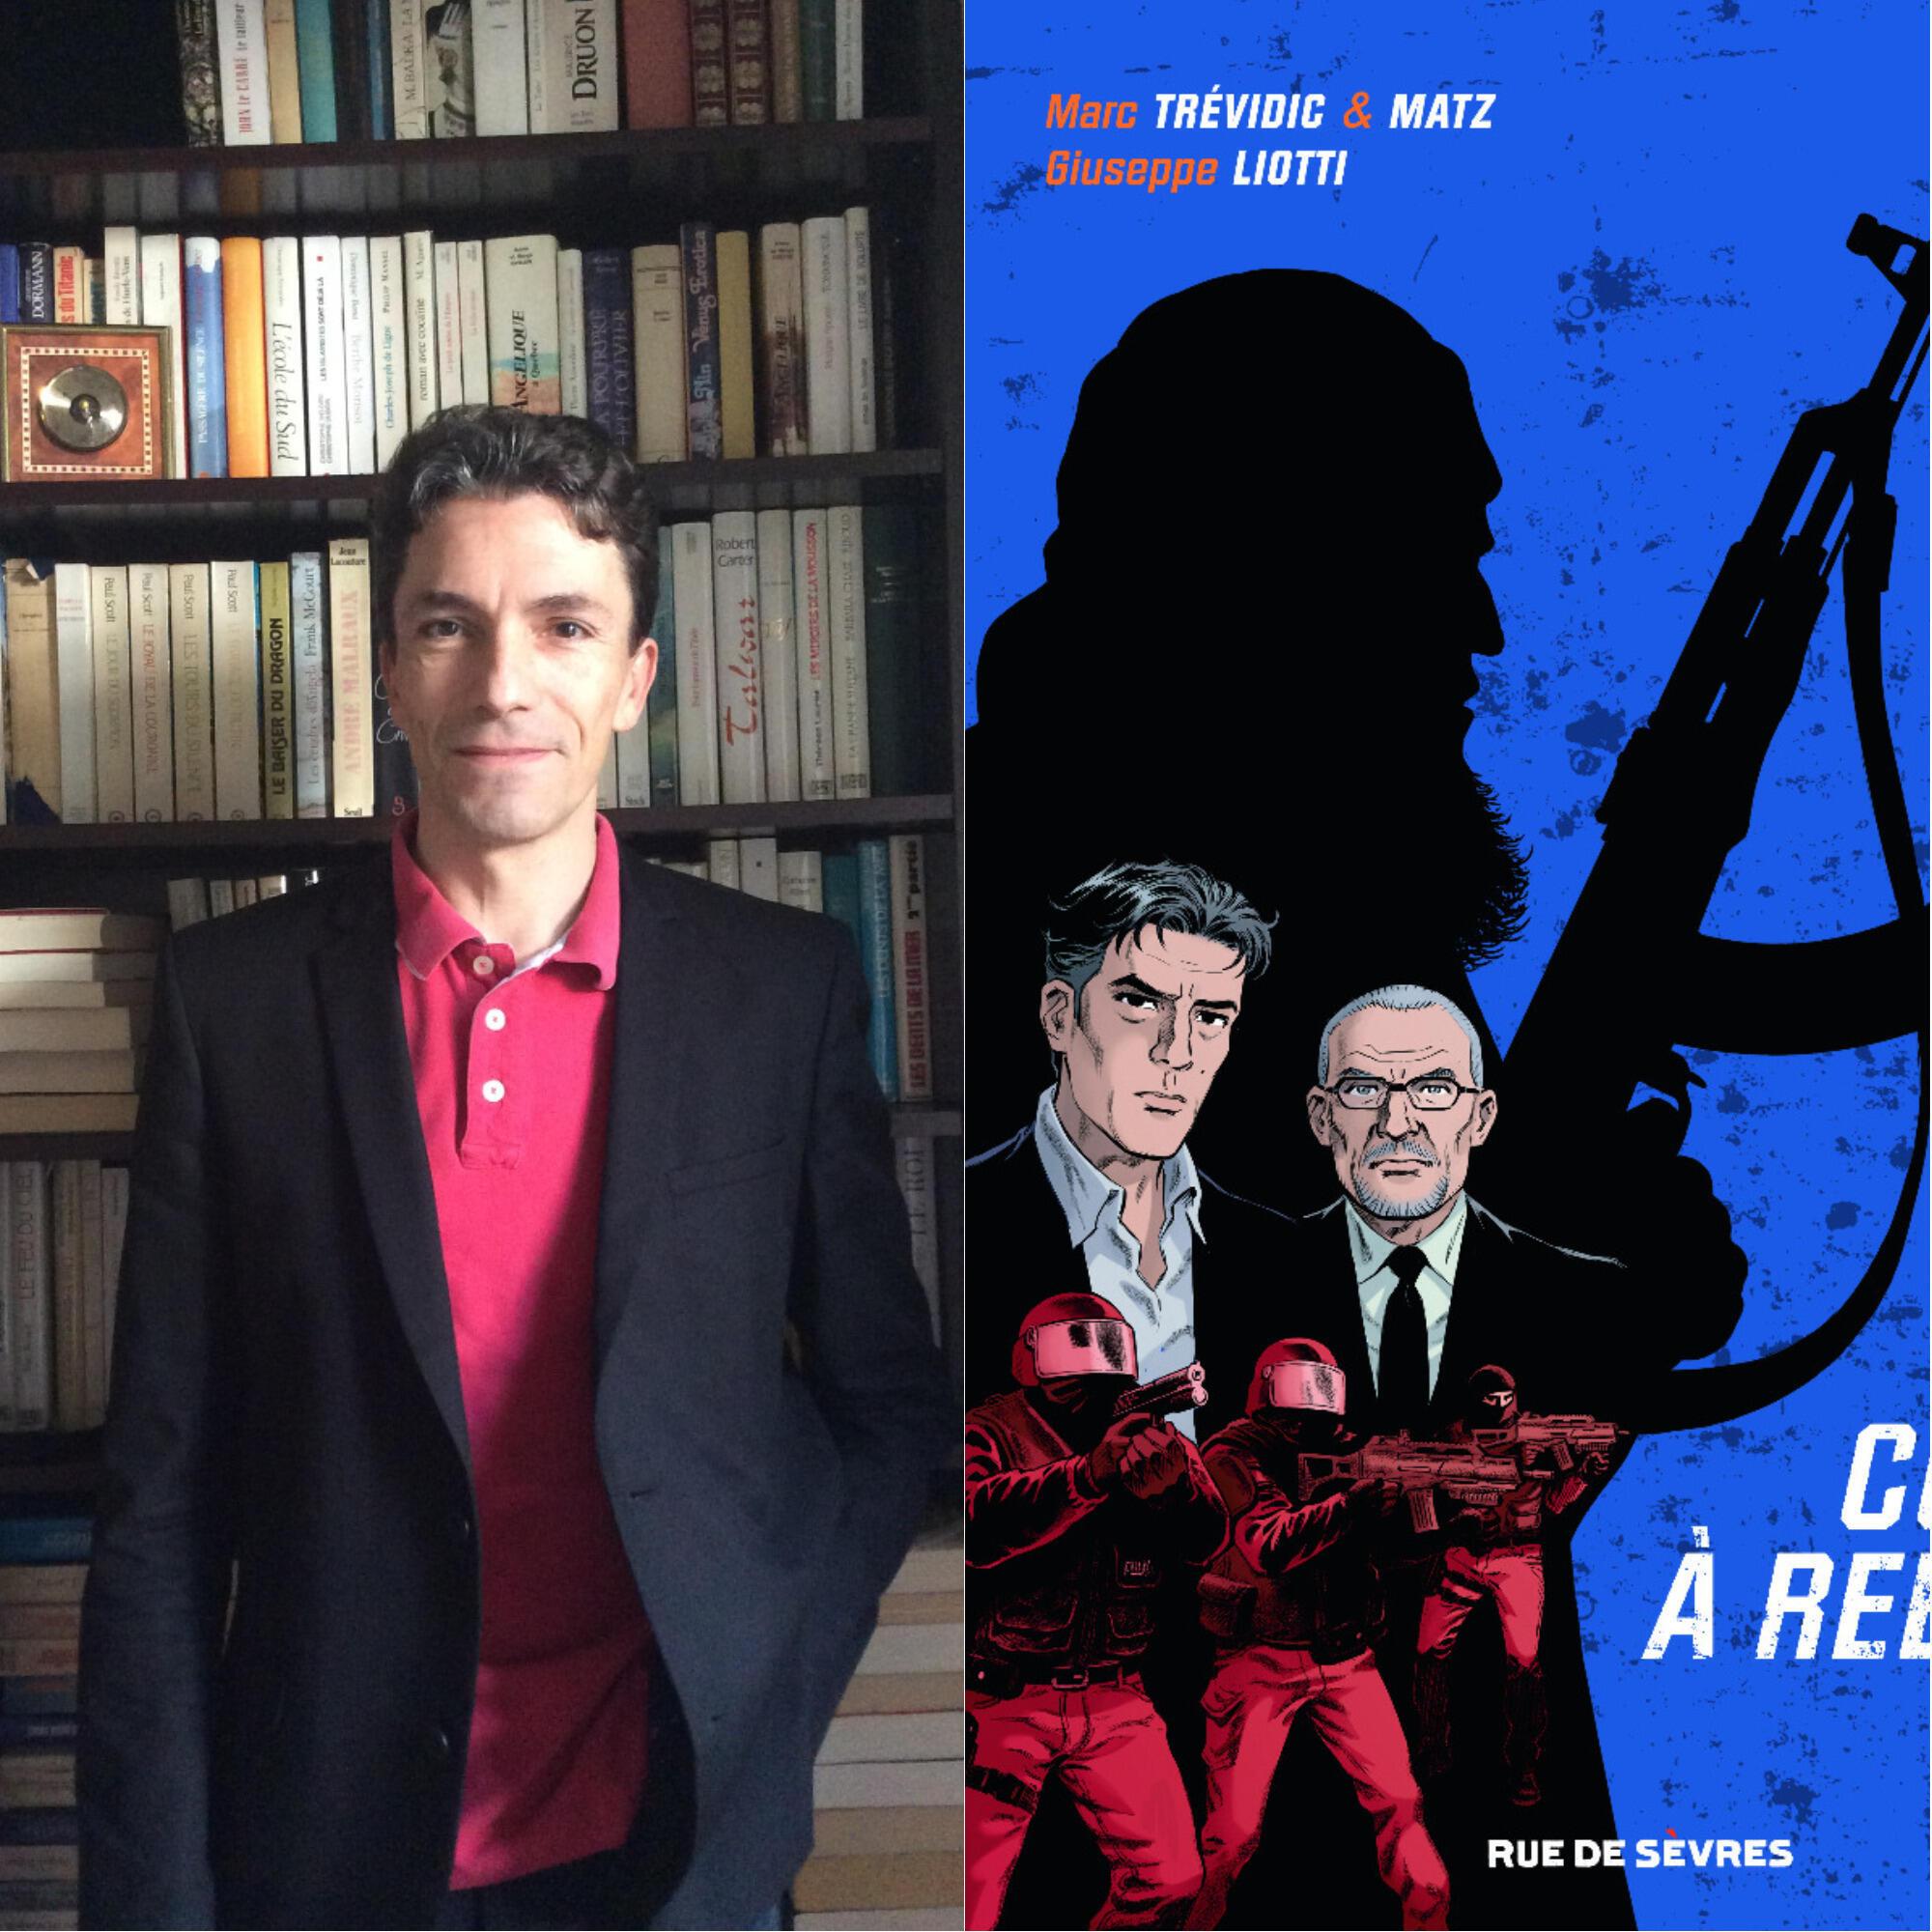 Marc Trévidic, Giuseppe Liotti et Matz présentent le Tome 1 de la bande dessinée «Compte à rebours».